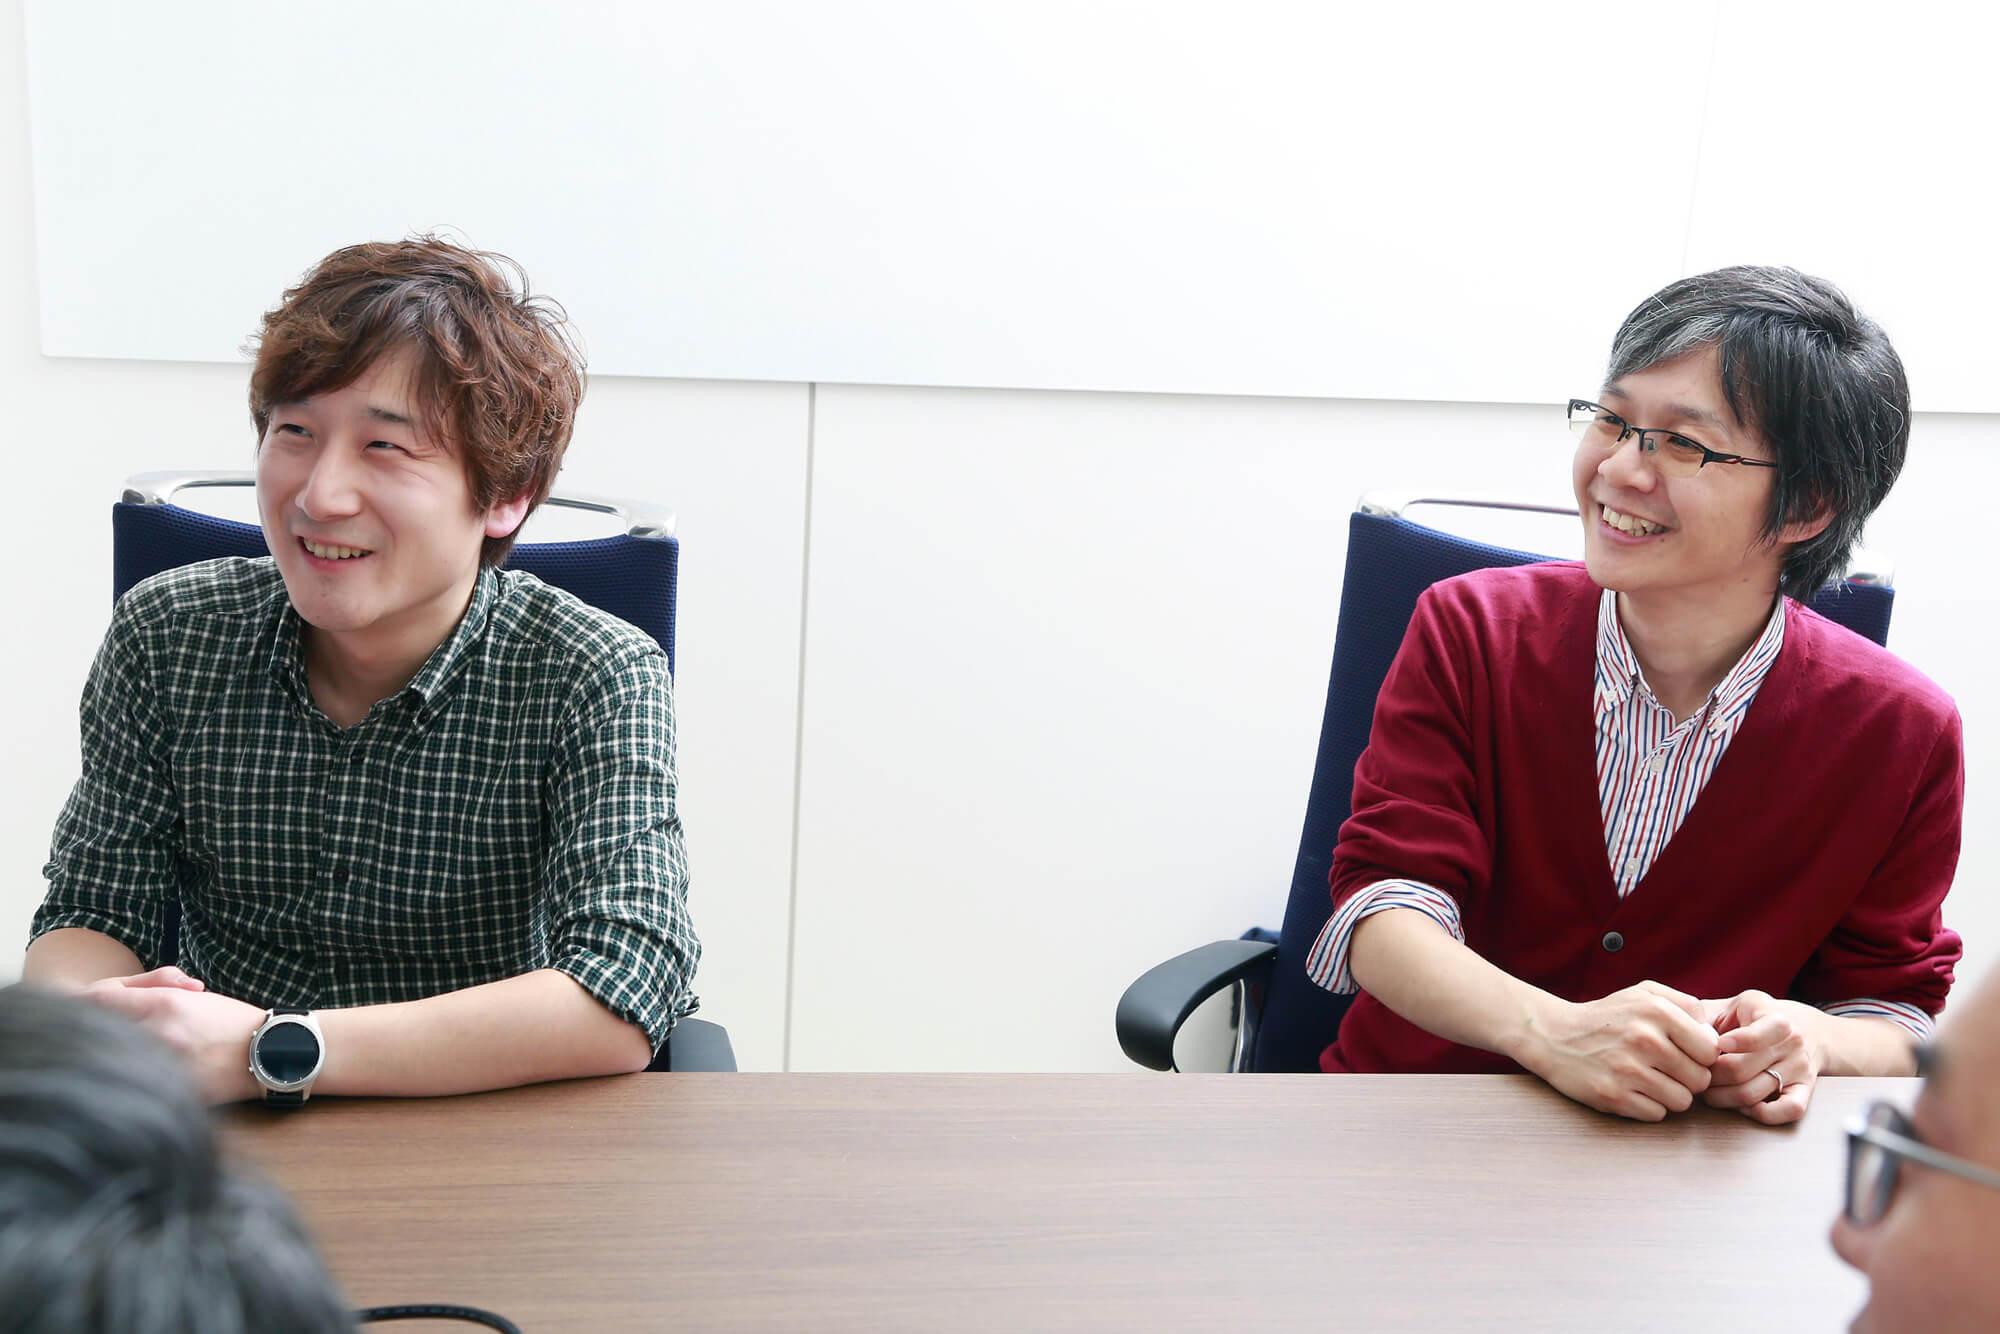 峰村聡、伊奈林太郎